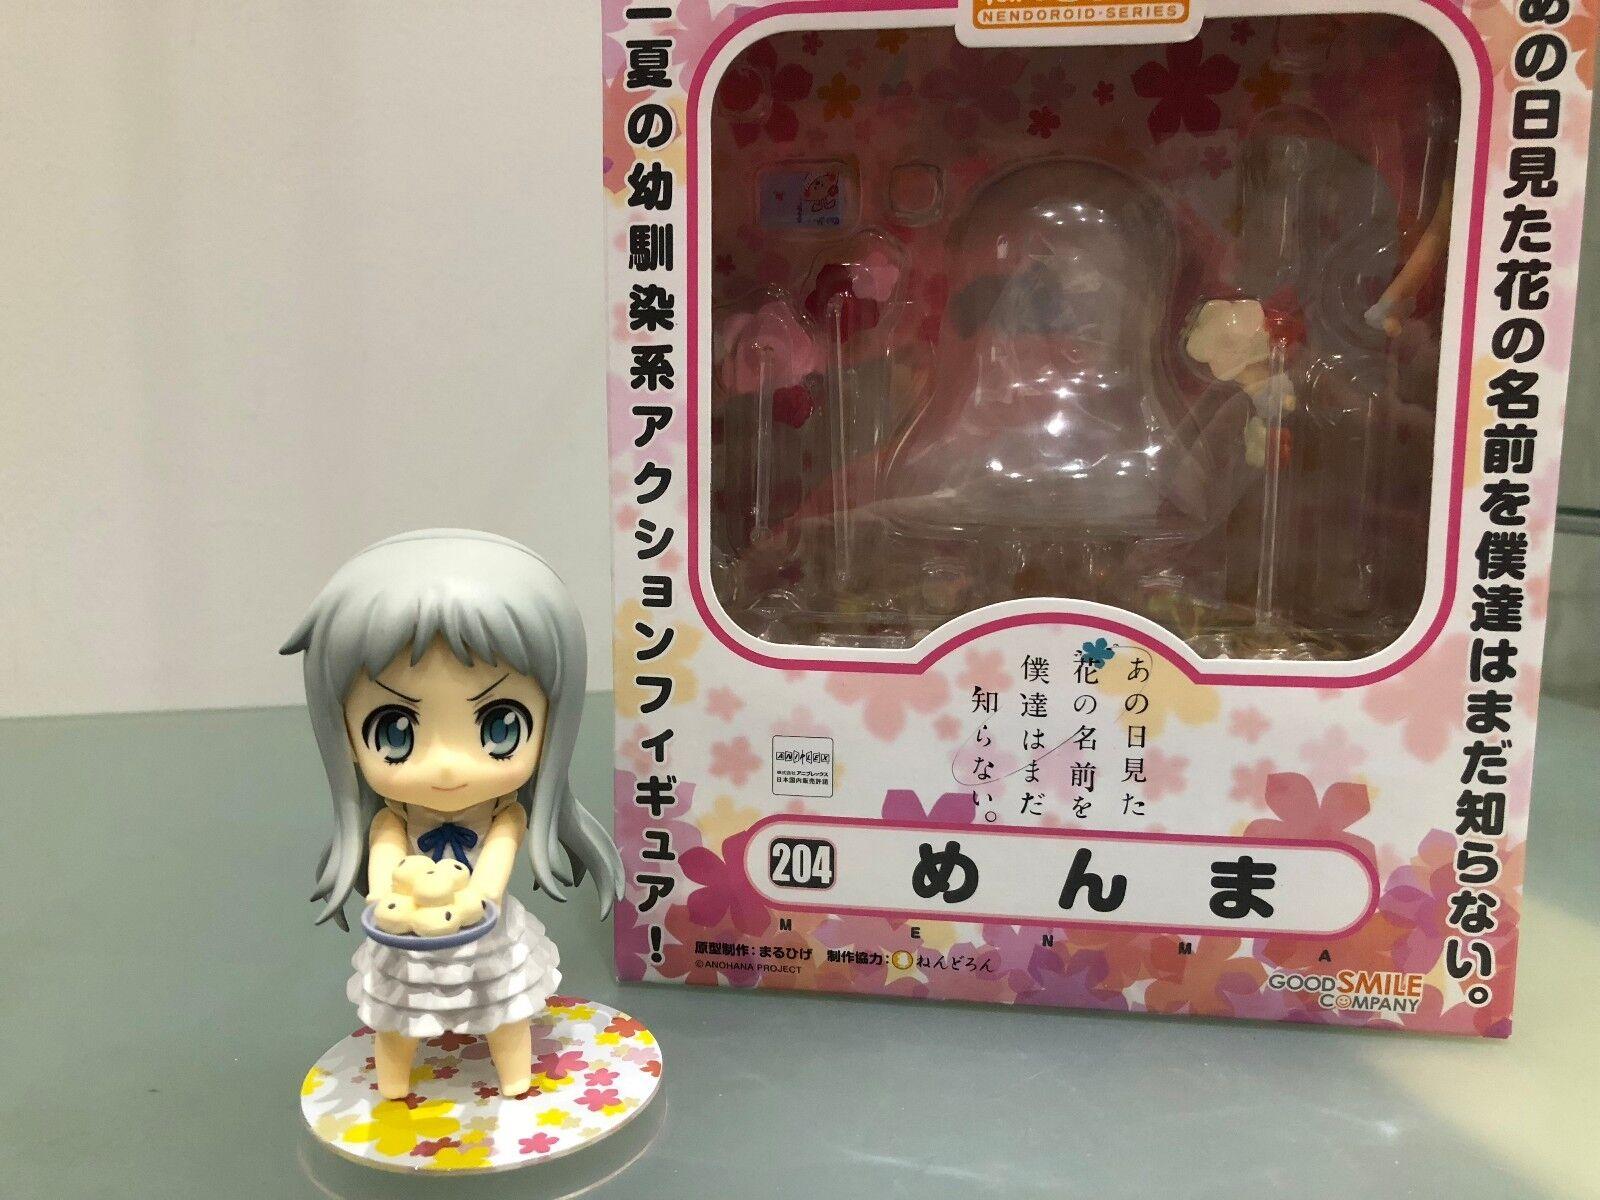 Ano Hi Mita Hana no Namae o. Honma Meiko - Nendoroid  204 (GSC) Anime Figur